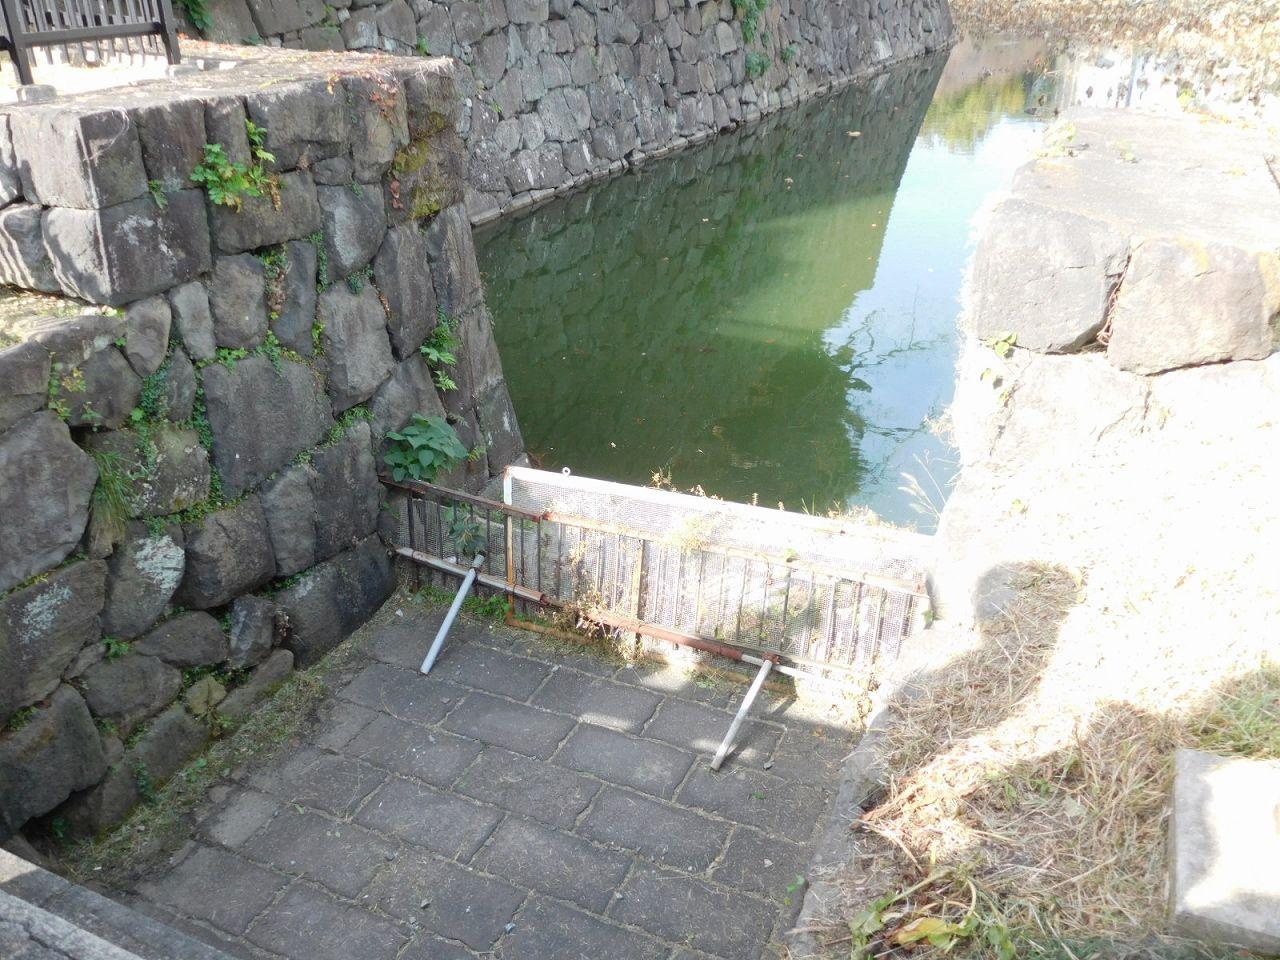 東京の真ん中にあるダム「清水門のダム」